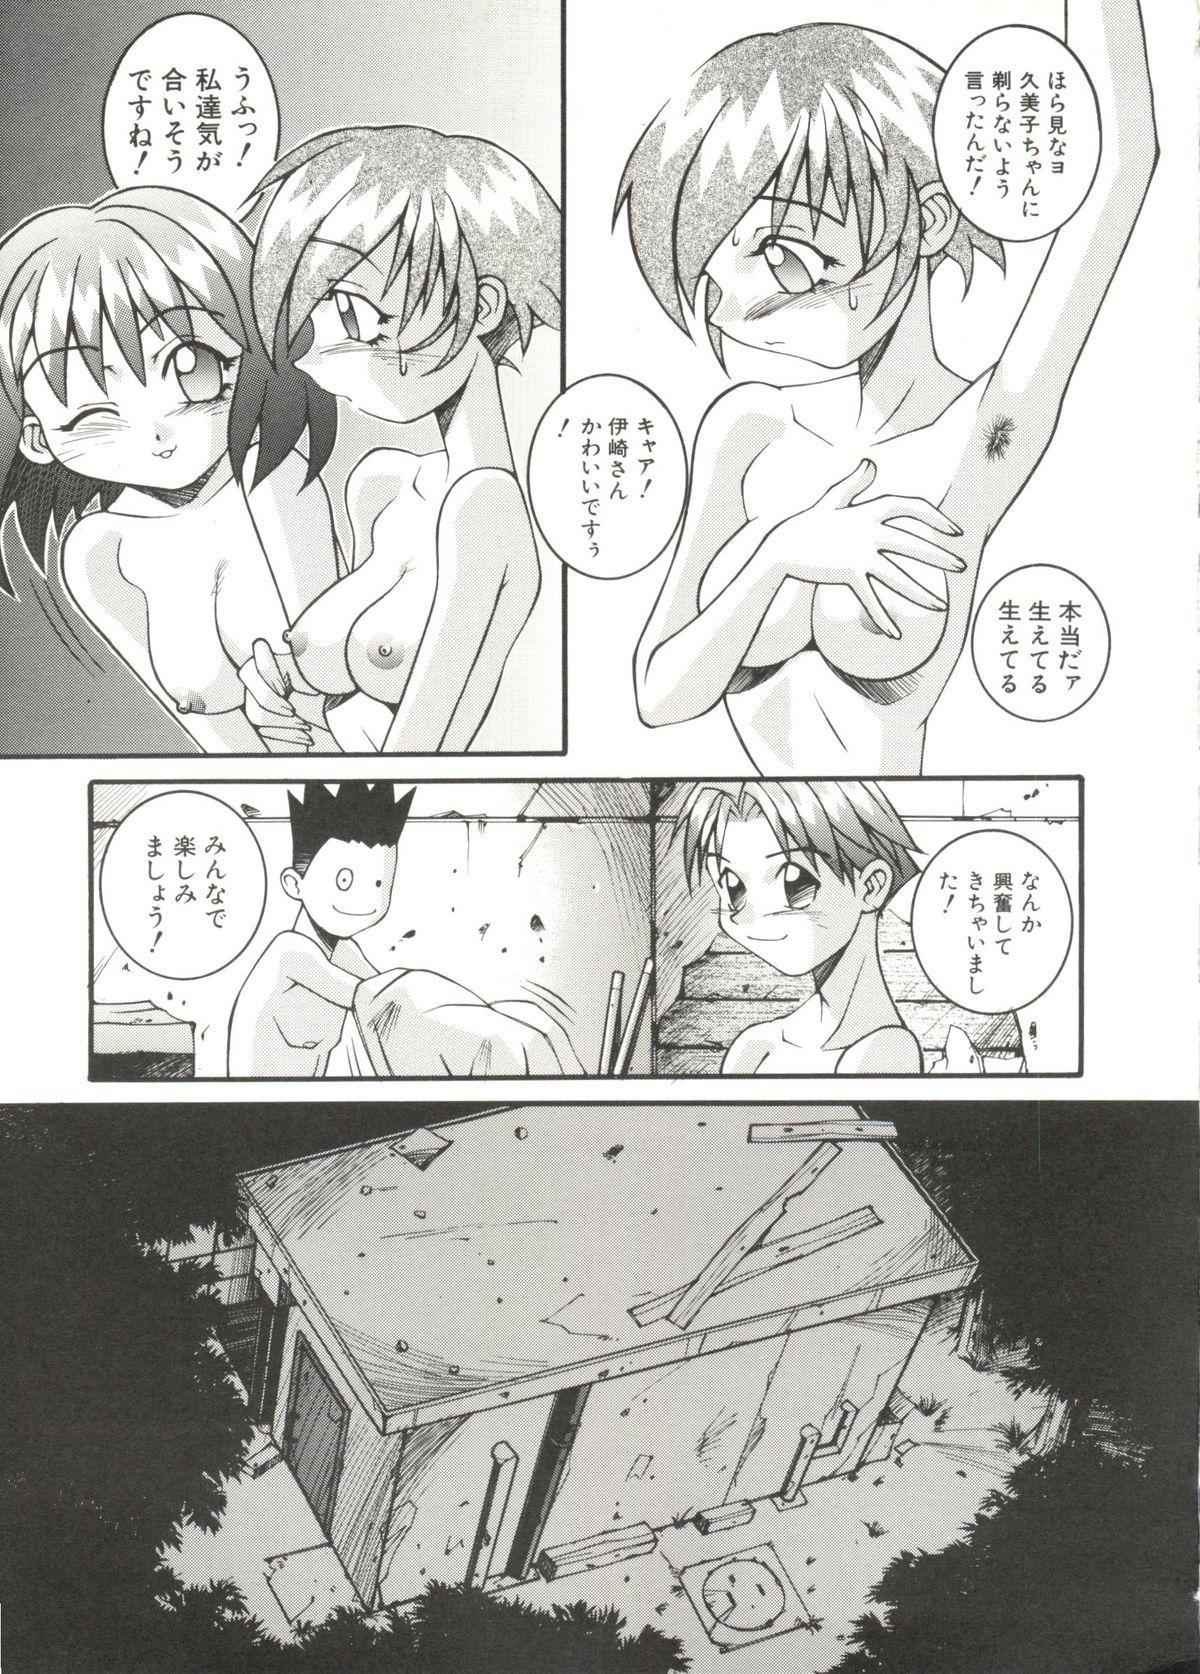 Denei Tamate Bako Bishoujo Doujinshi Anthology Vol. 2 - Nishinhou no Tenshi 94